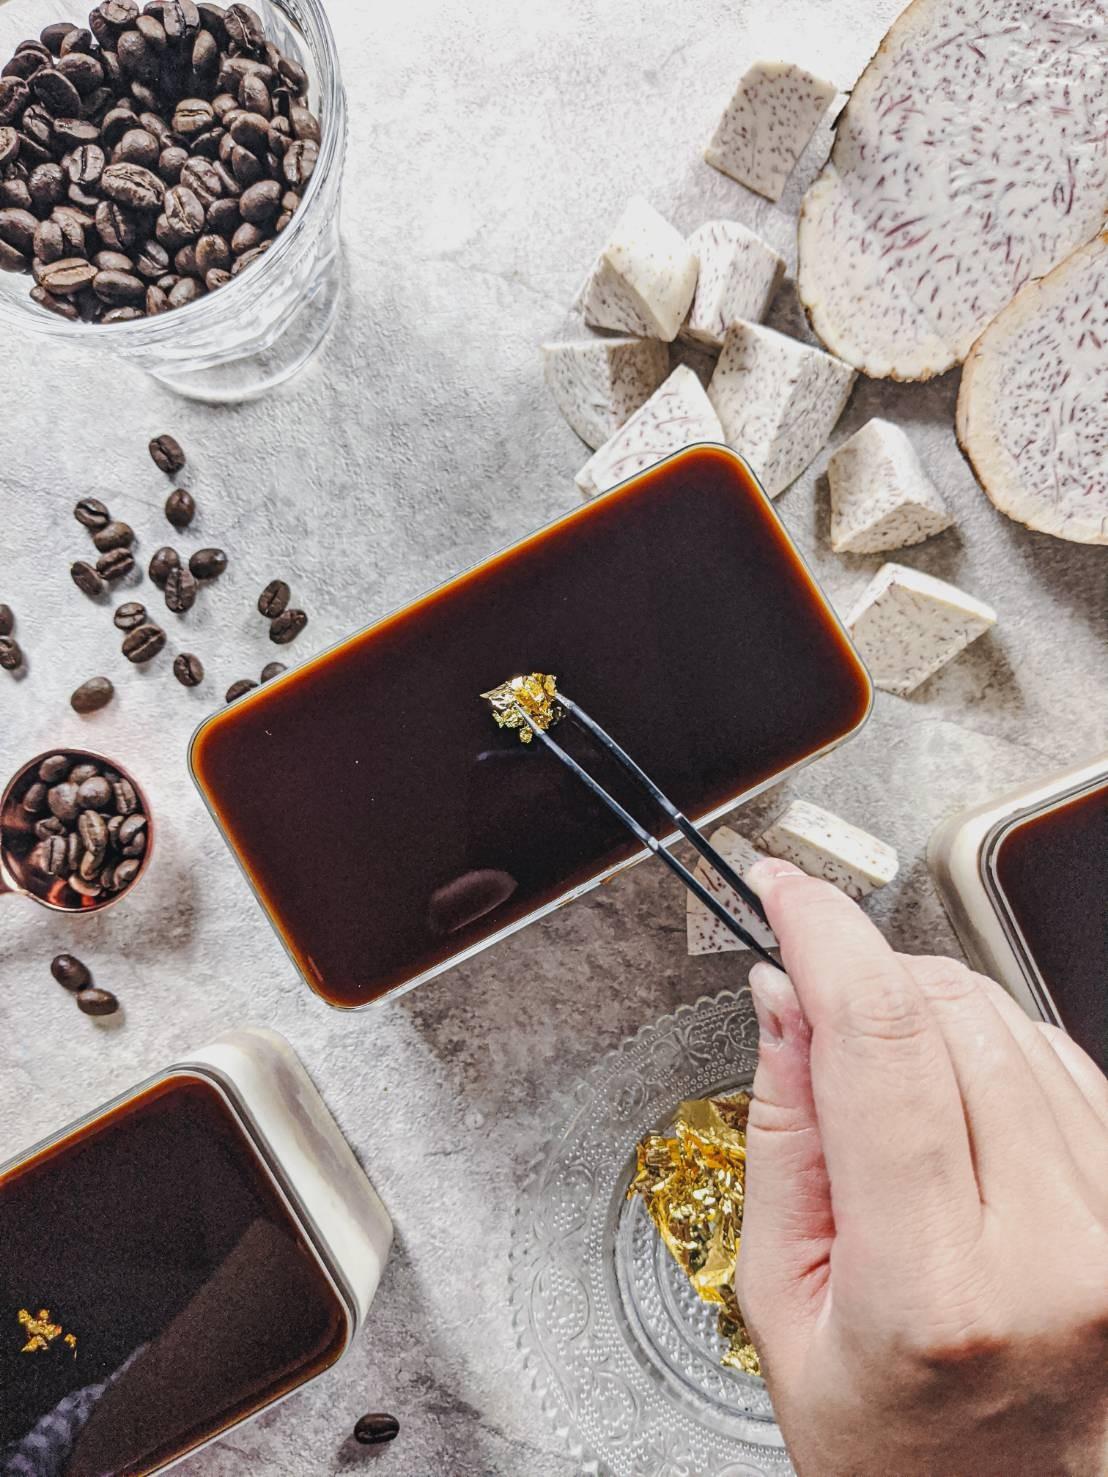 畫龍點金 水晶奶酪芋泥寶盒 #非素食#彌月禮盒#芋泥#蛋糕#伴手禮